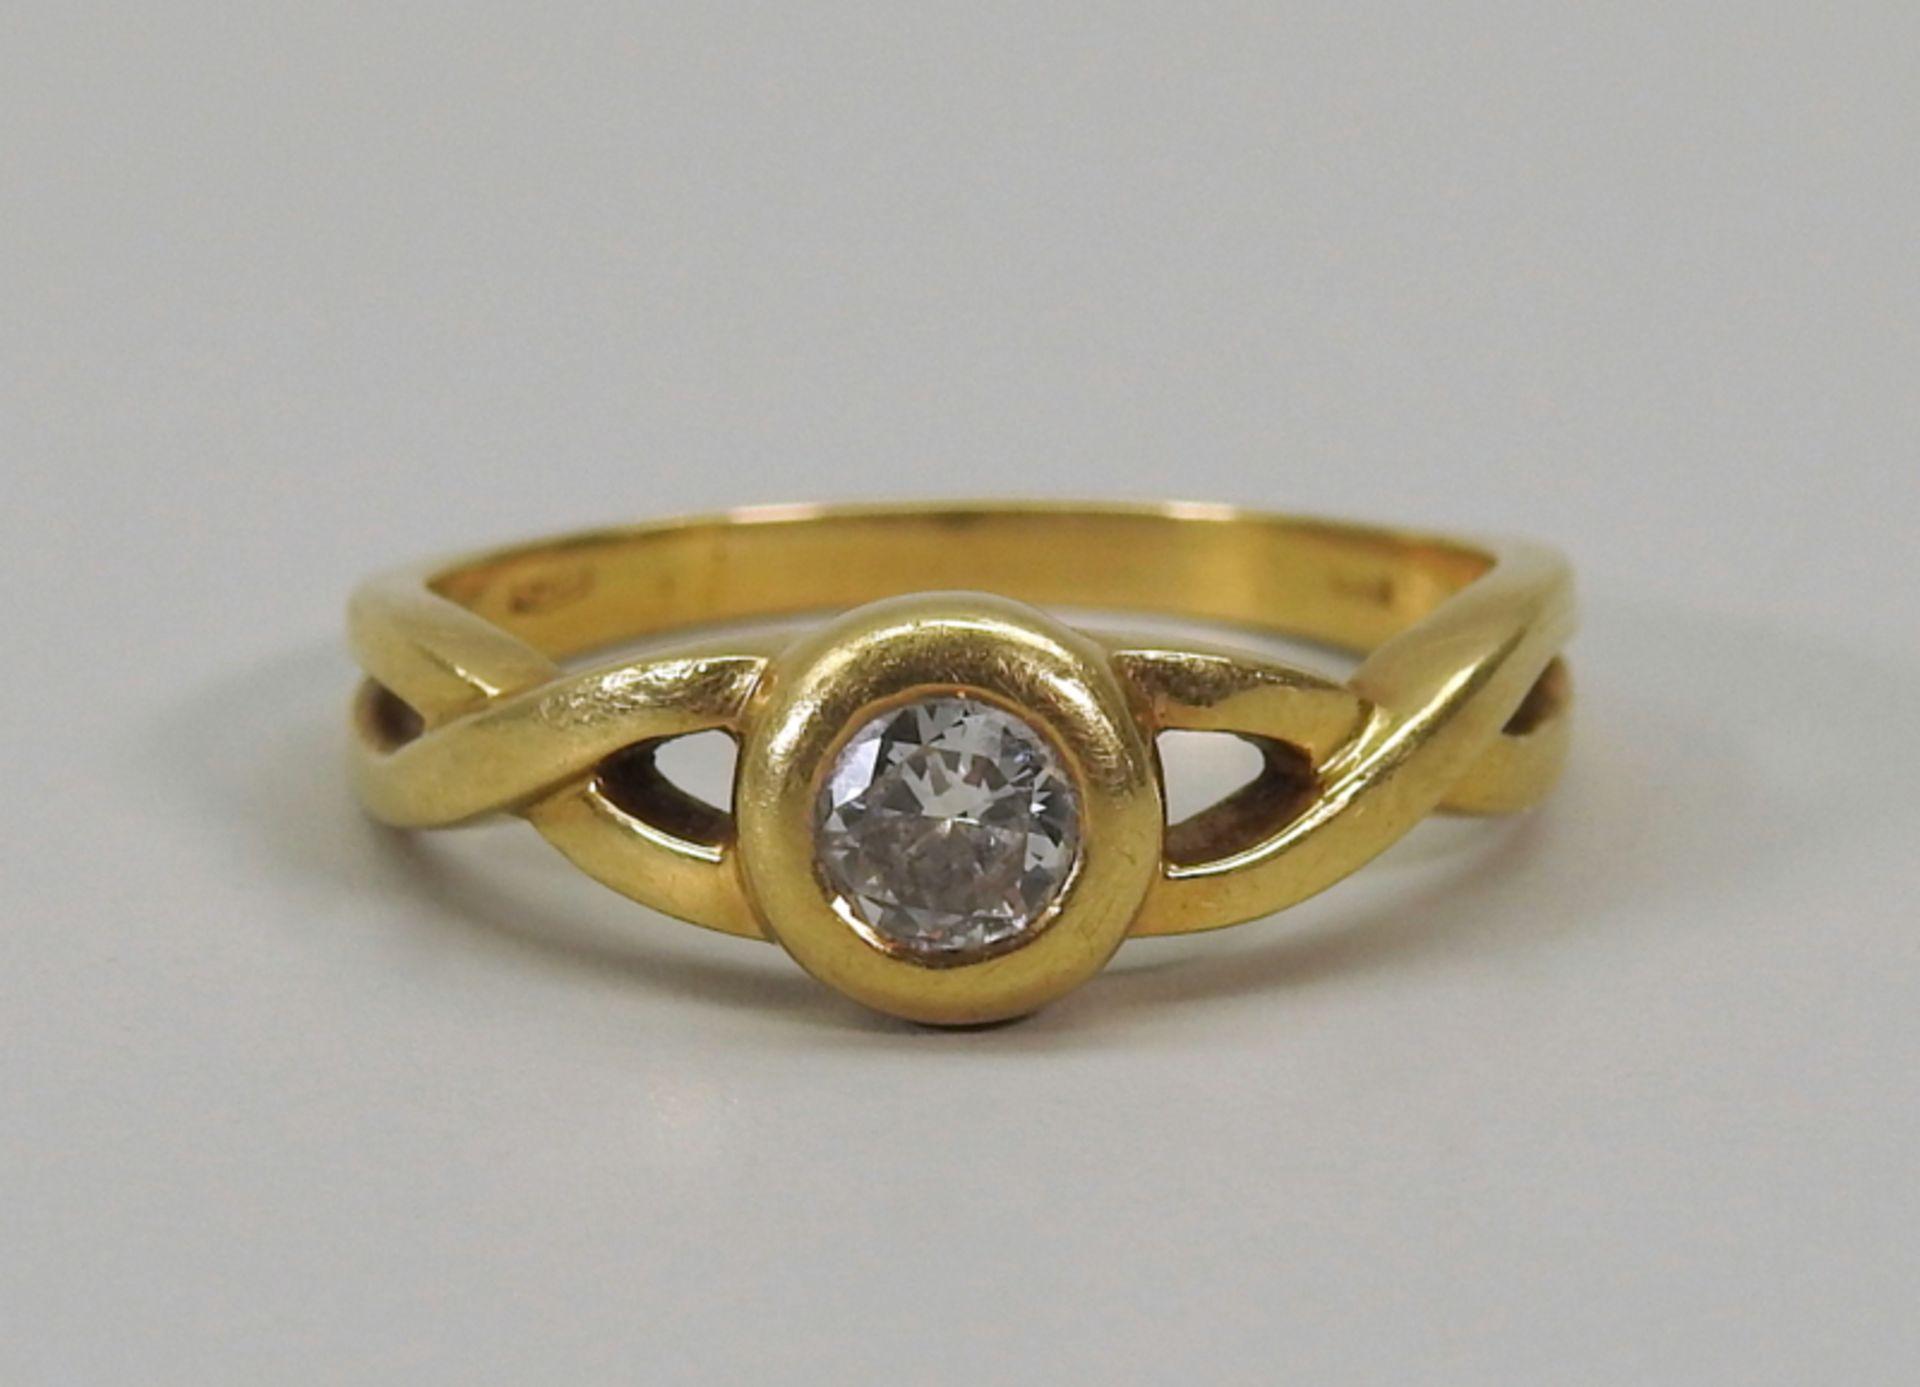 Schwerer Diamant-Ring18 K. Gelbgold. Herren-Ring mit zentralem Diamant-Besatz von ca. - Image 2 of 6